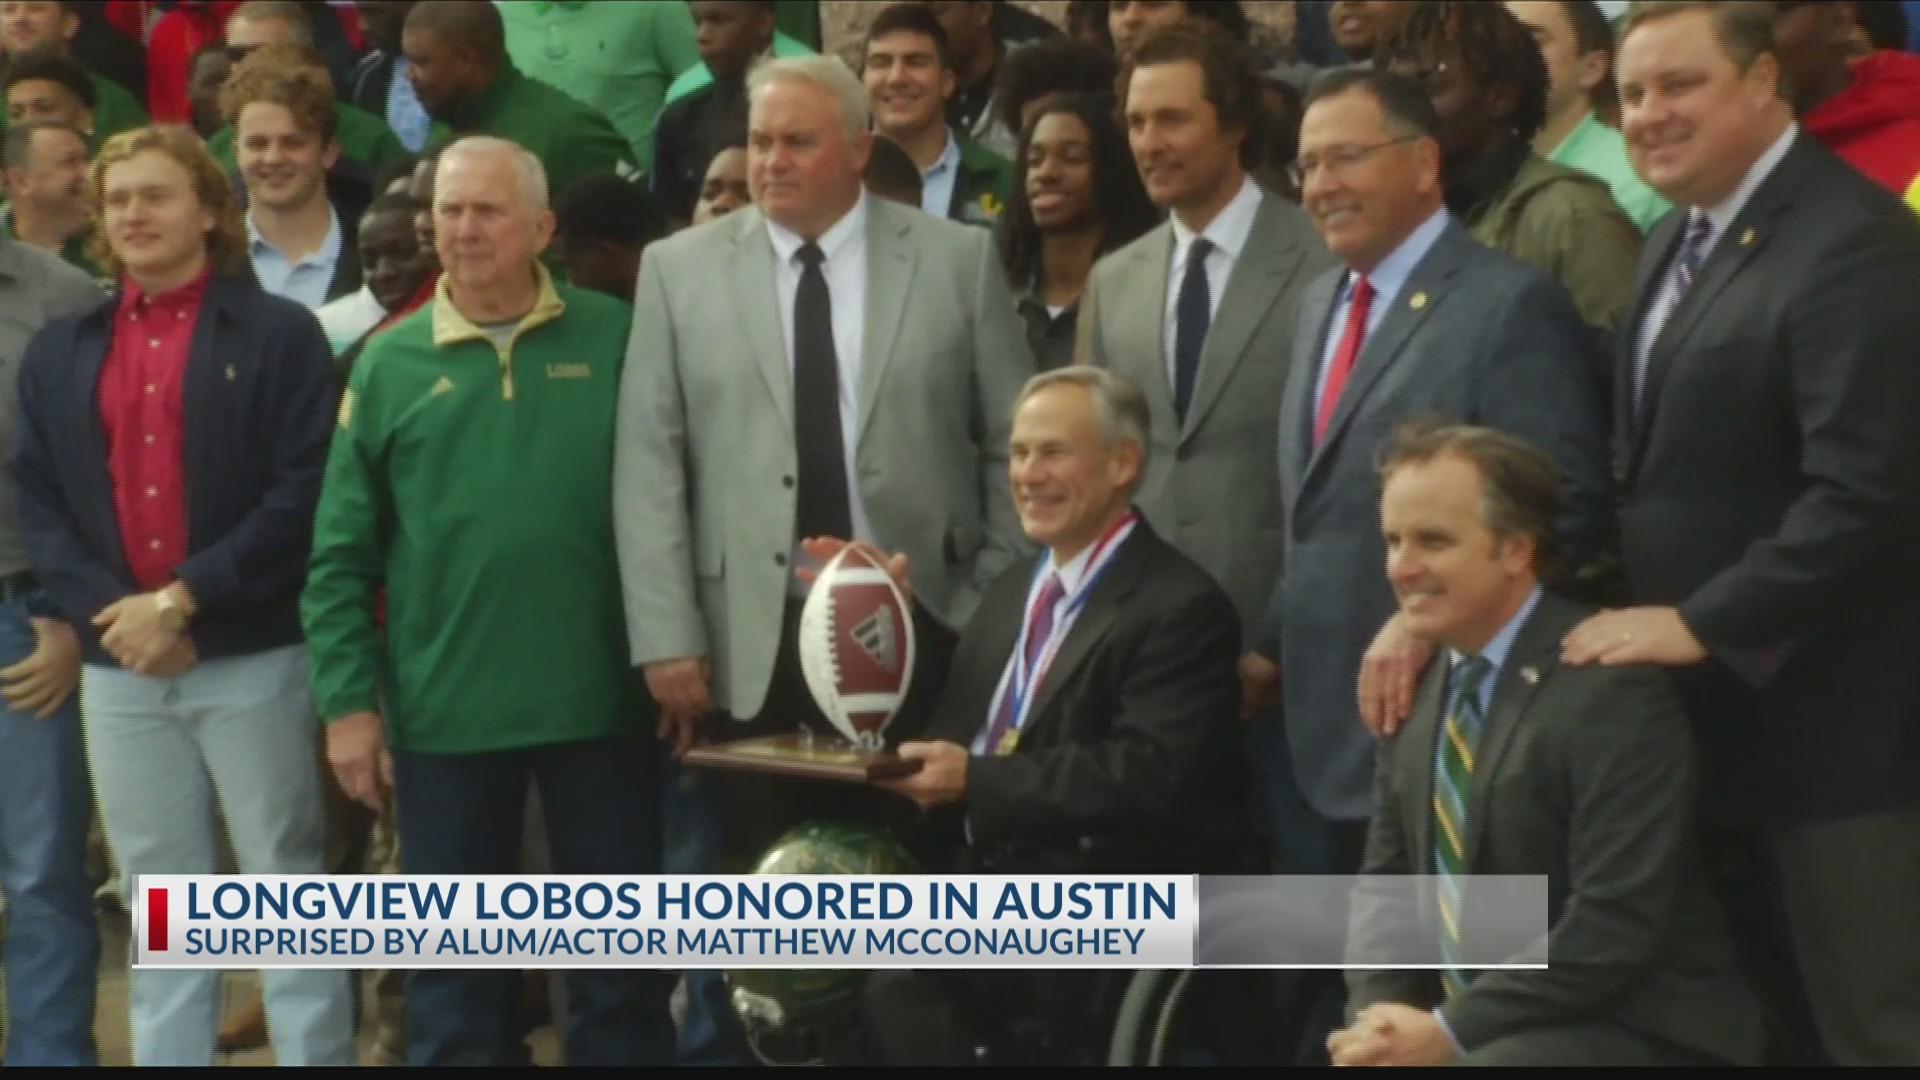 Longview_Lobos_honored_in_Austin__surpri_0_20190307005750